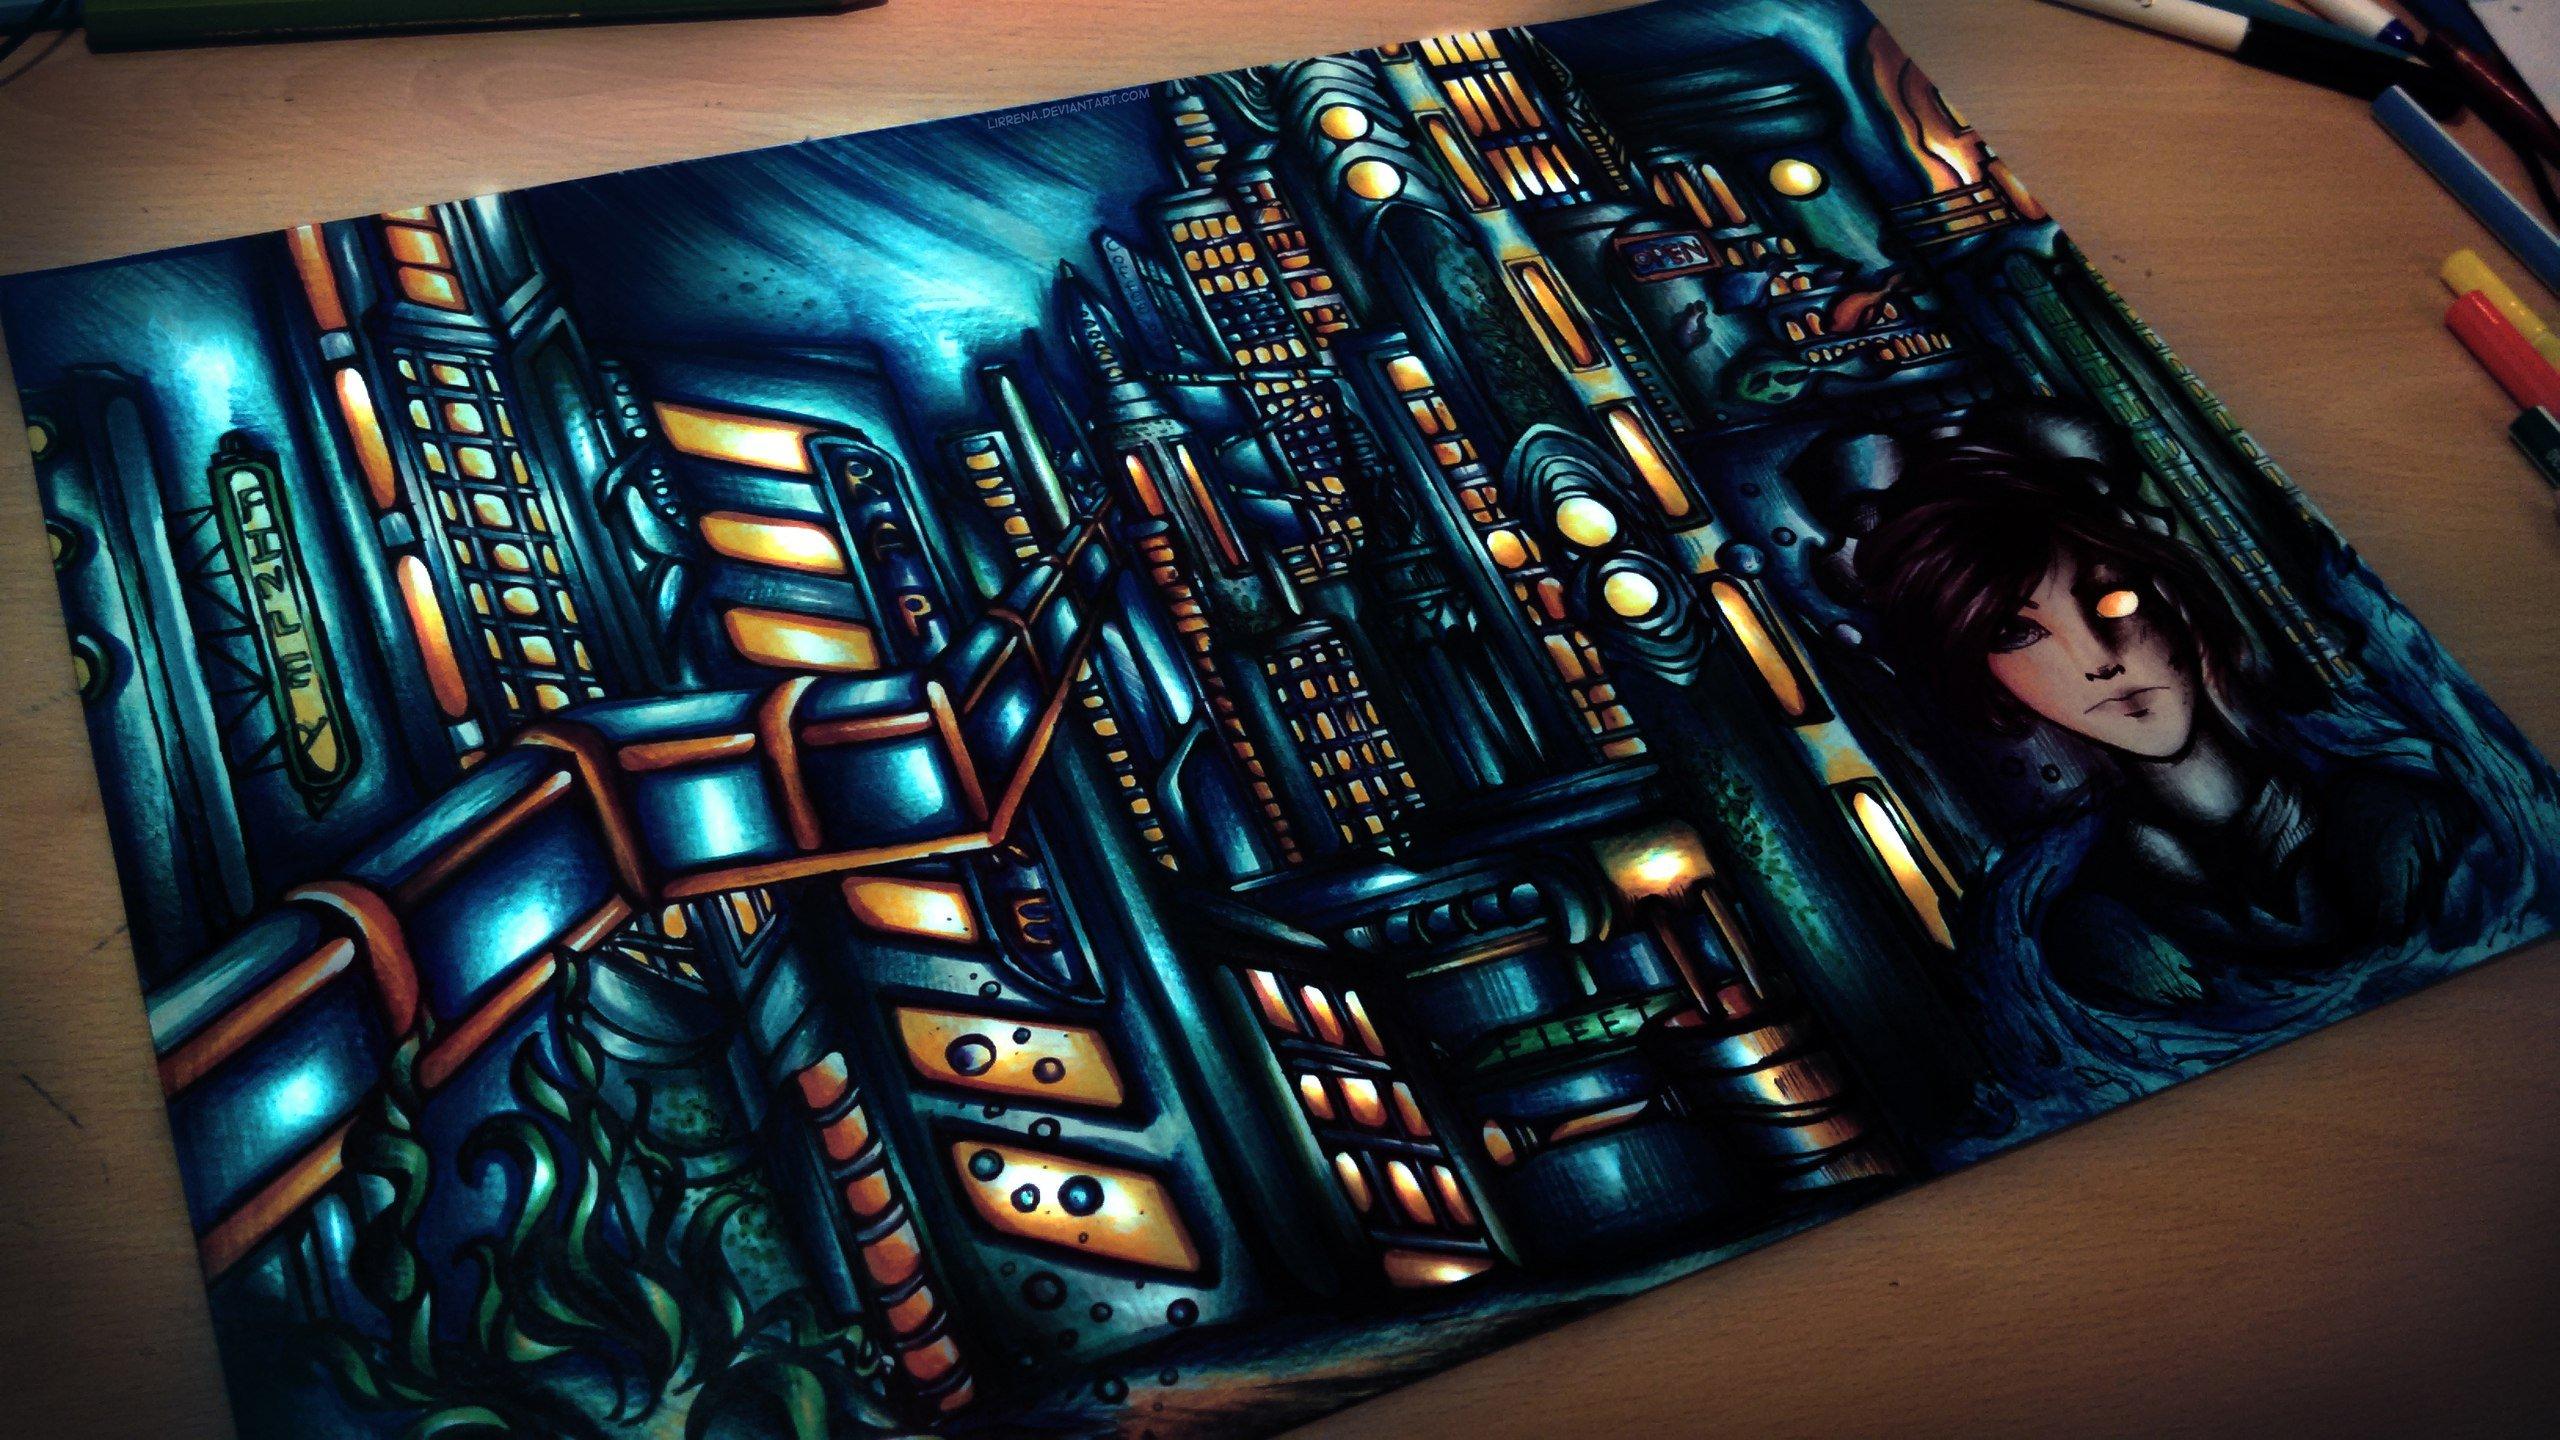 Восторг из Bioshock - Маркерами - Внутри больше - Изображение 1